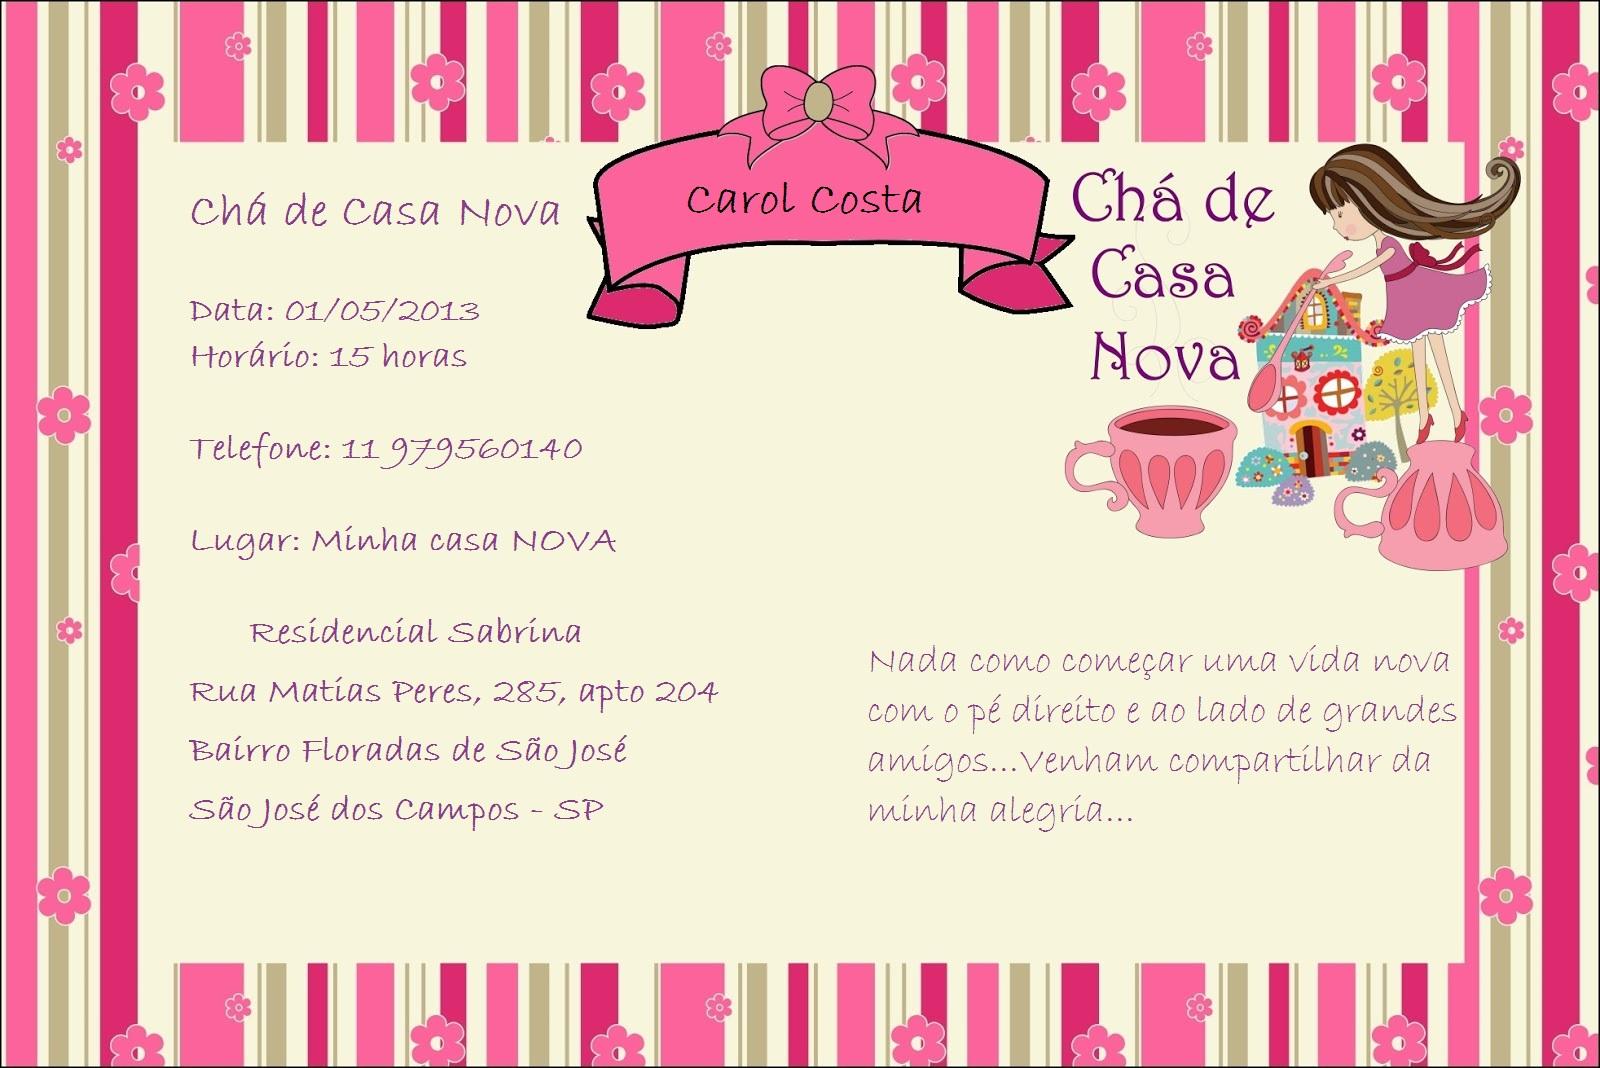 Extremamente Vida Nova Carol: Chá de Casa Nova RW78